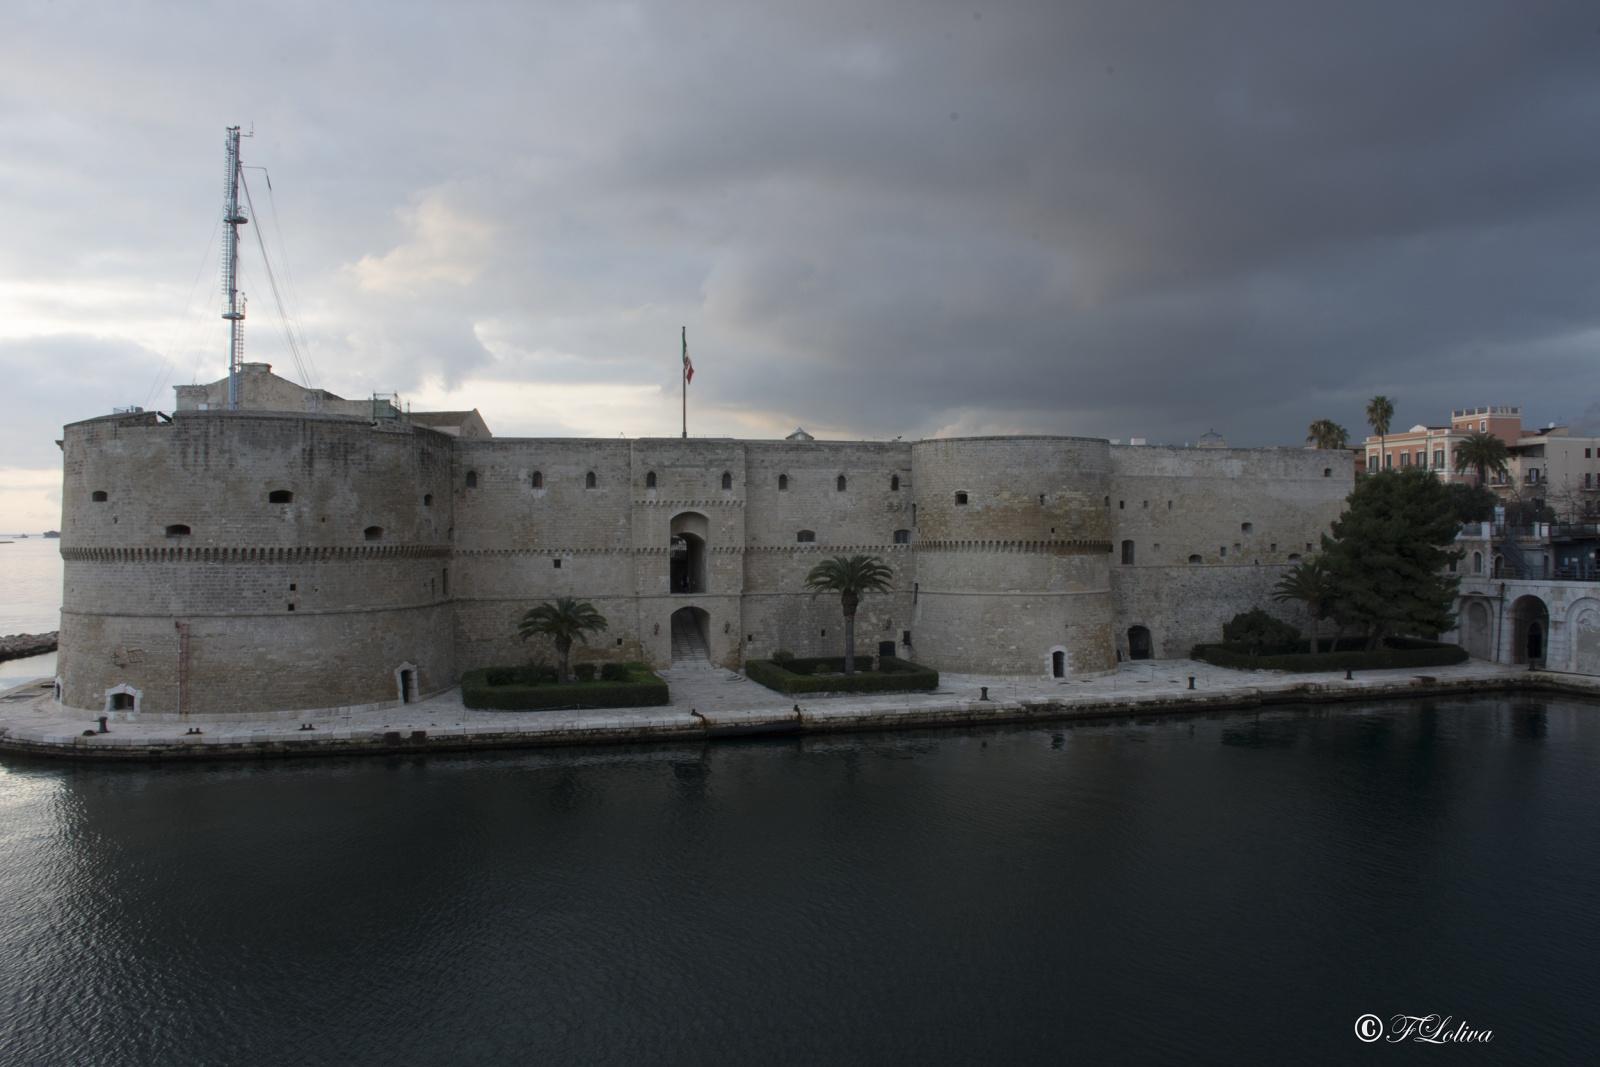 CASTELLO ARAGONESE - Il castello aragonese (o castel Sant'Angelo), con la sua pianta quadrangolare e il vasto cortile centrale, occupa l'estremo angolo dell'isola su cui sorge il borgo antico della città di Taranto.